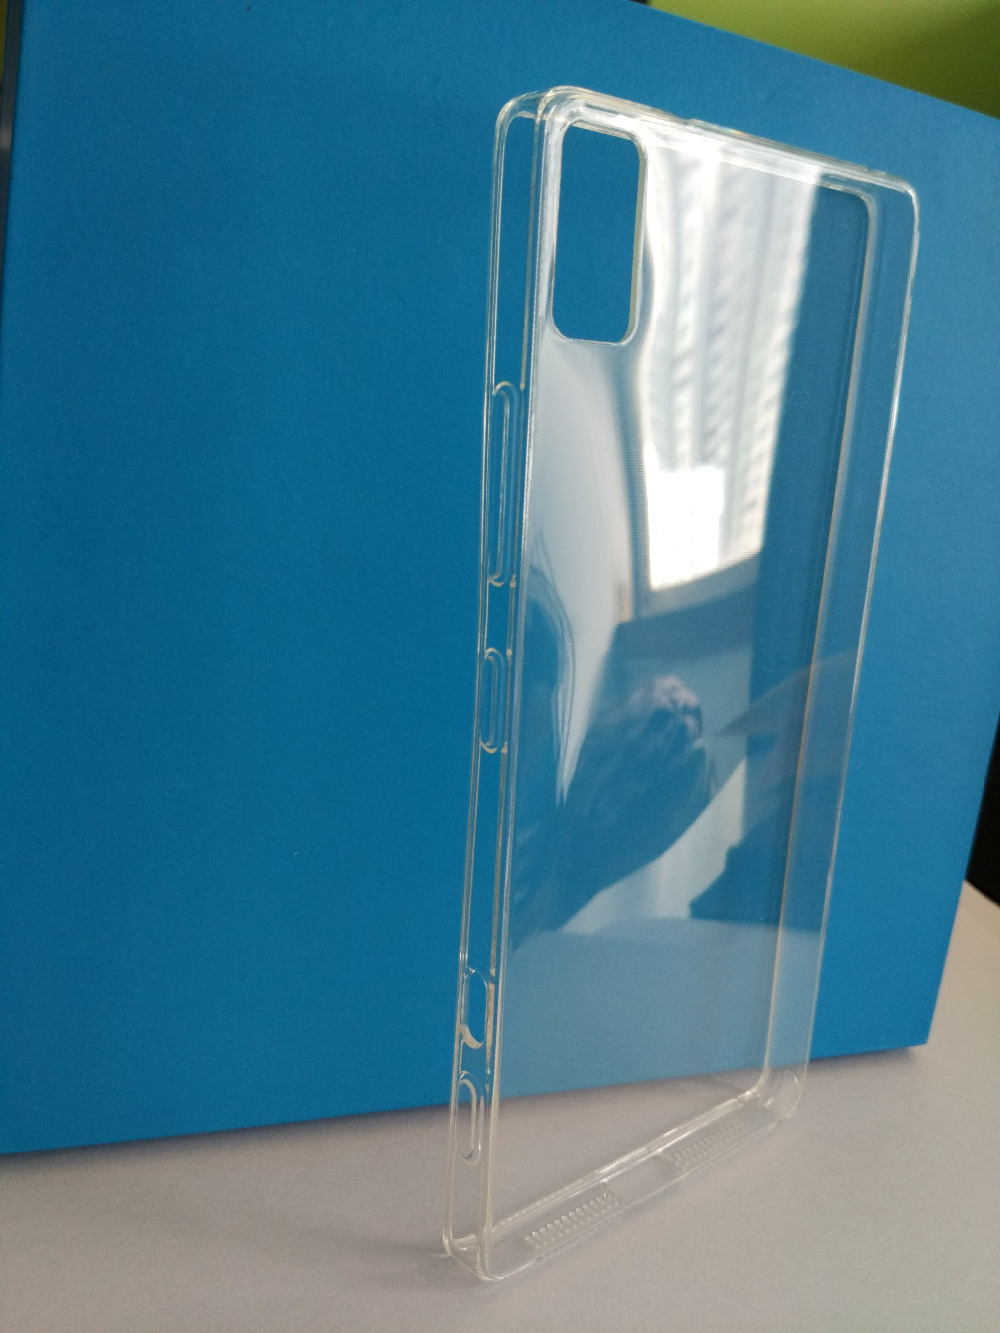 Nytt högkvalitativt ultratransparent kiselväska Klar mjukt fodral - Reservdelar och tillbehör för mobiltelefoner - Foto 5